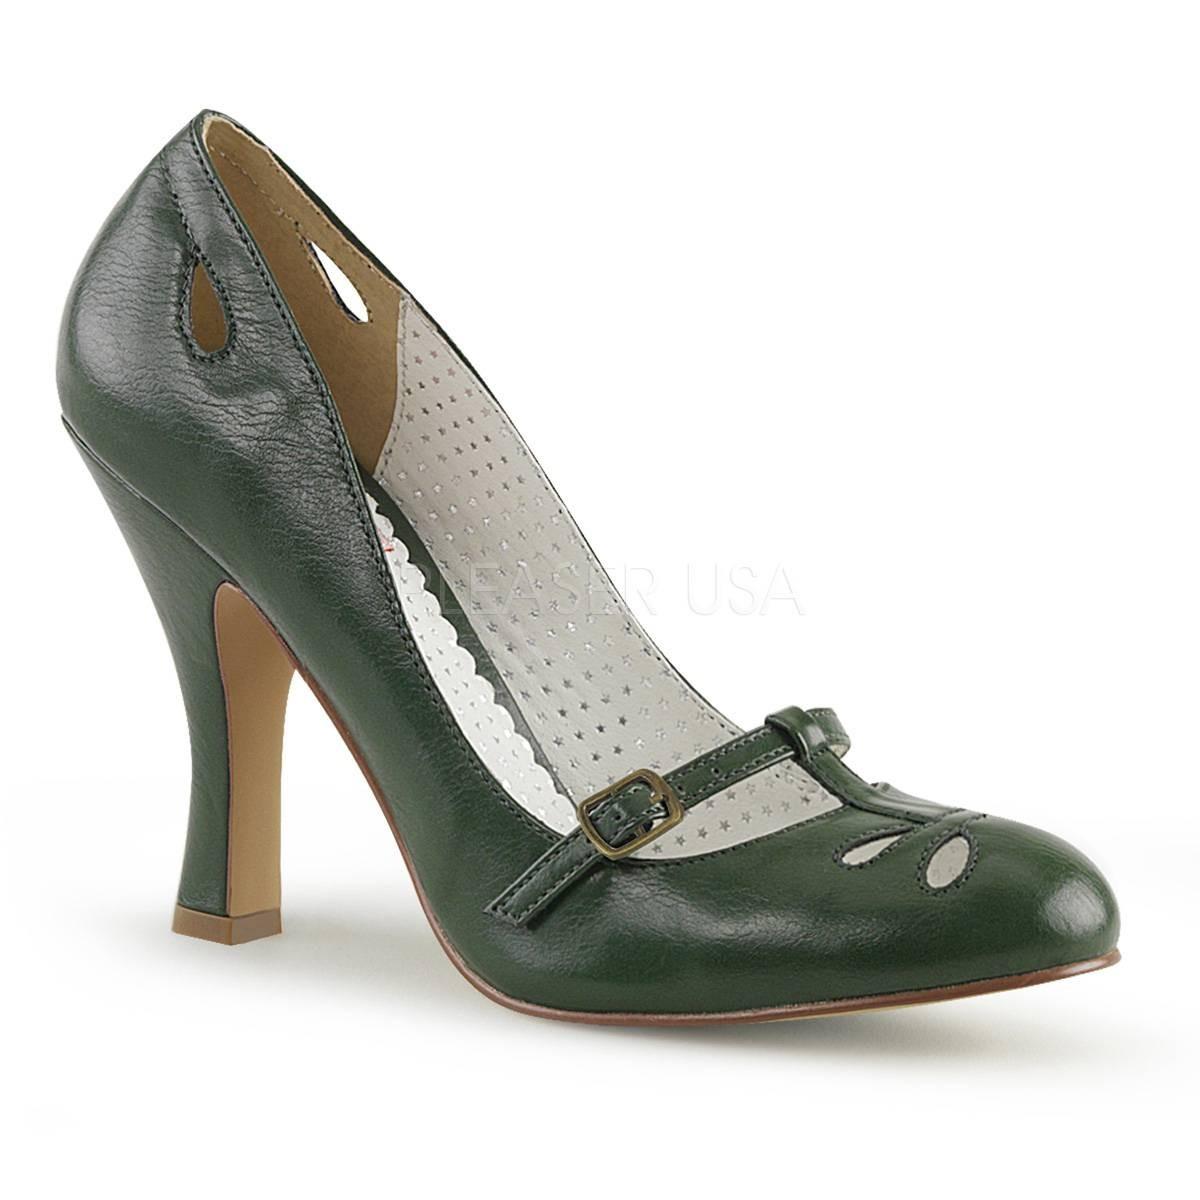 Pumps - SMITTEN 20 ° Damen Pumps ° GrünMatt ° Pin Up Couture  - Onlineshop RedSixty